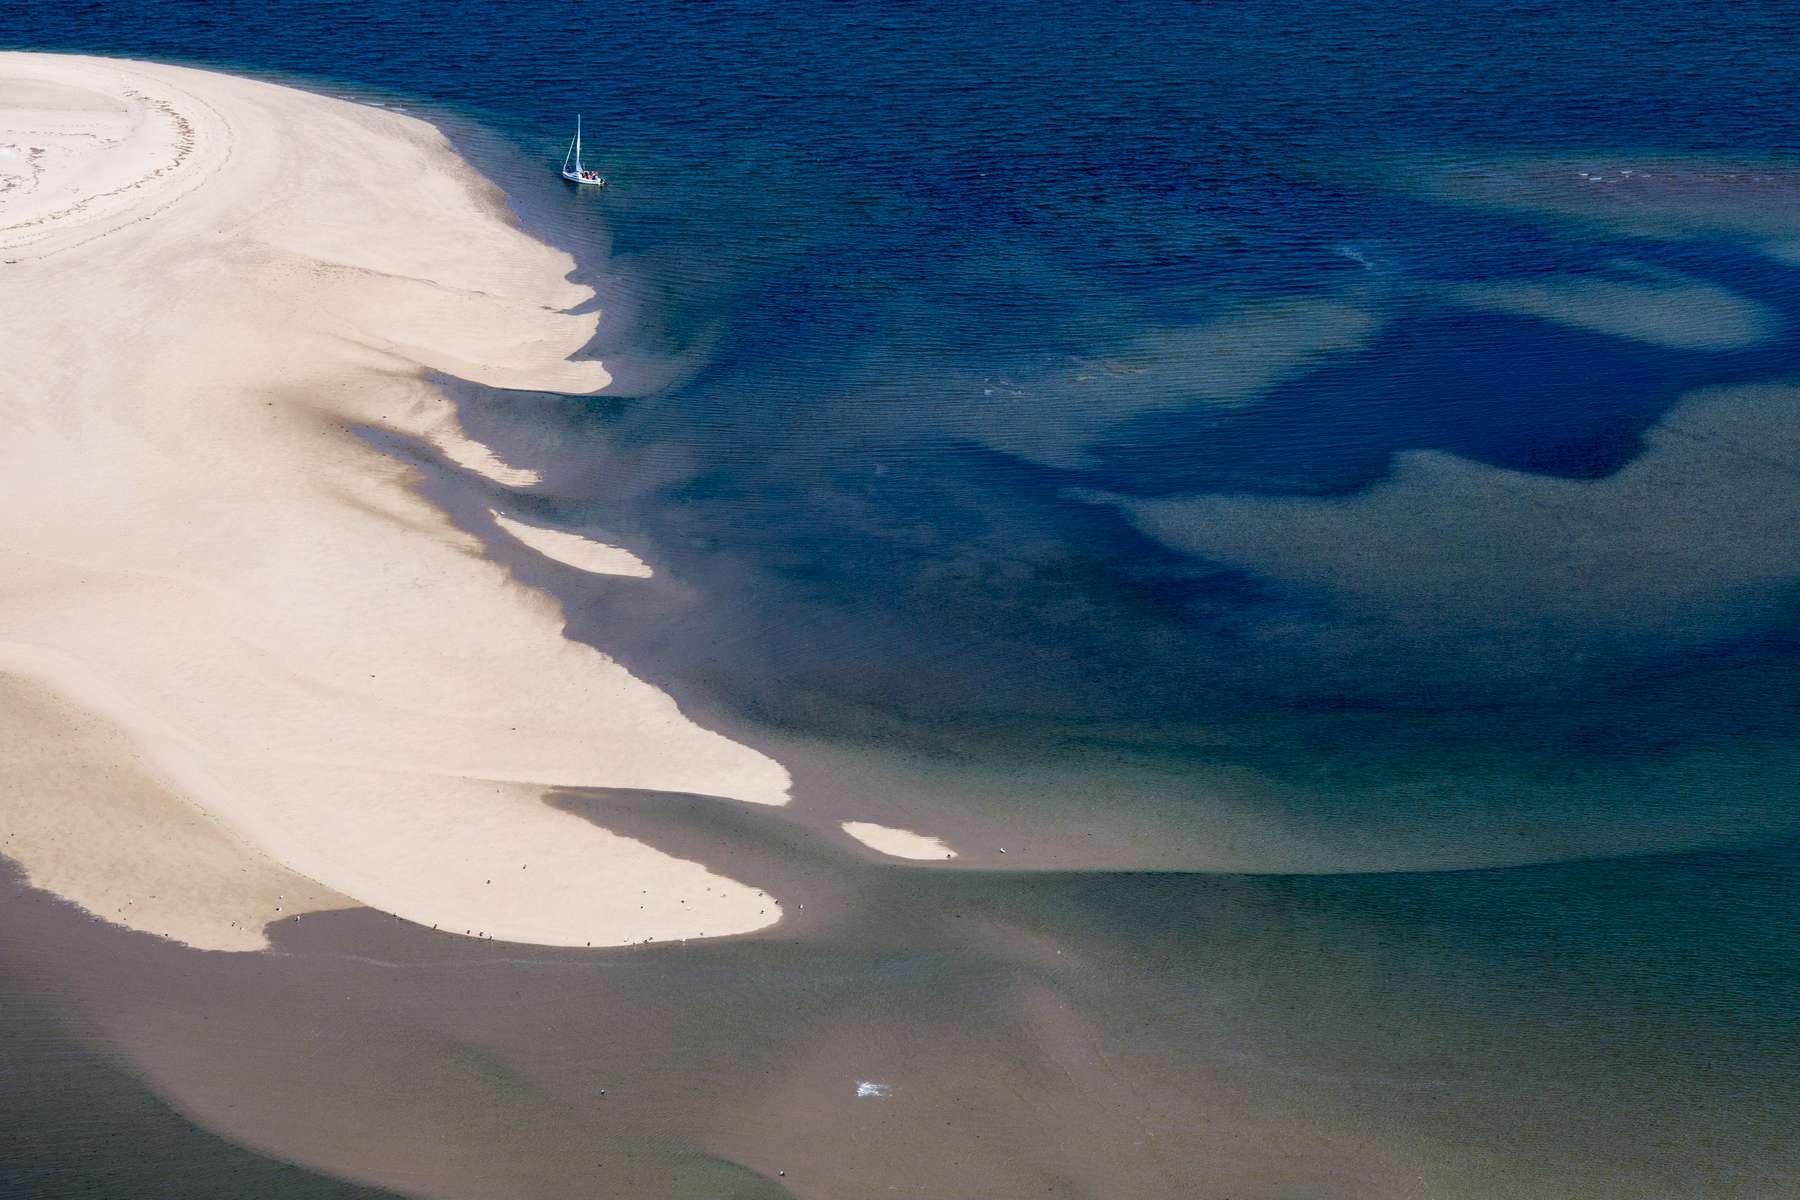 Long Shore Drift, Wellfleet, MA 2013 (130718-0239)